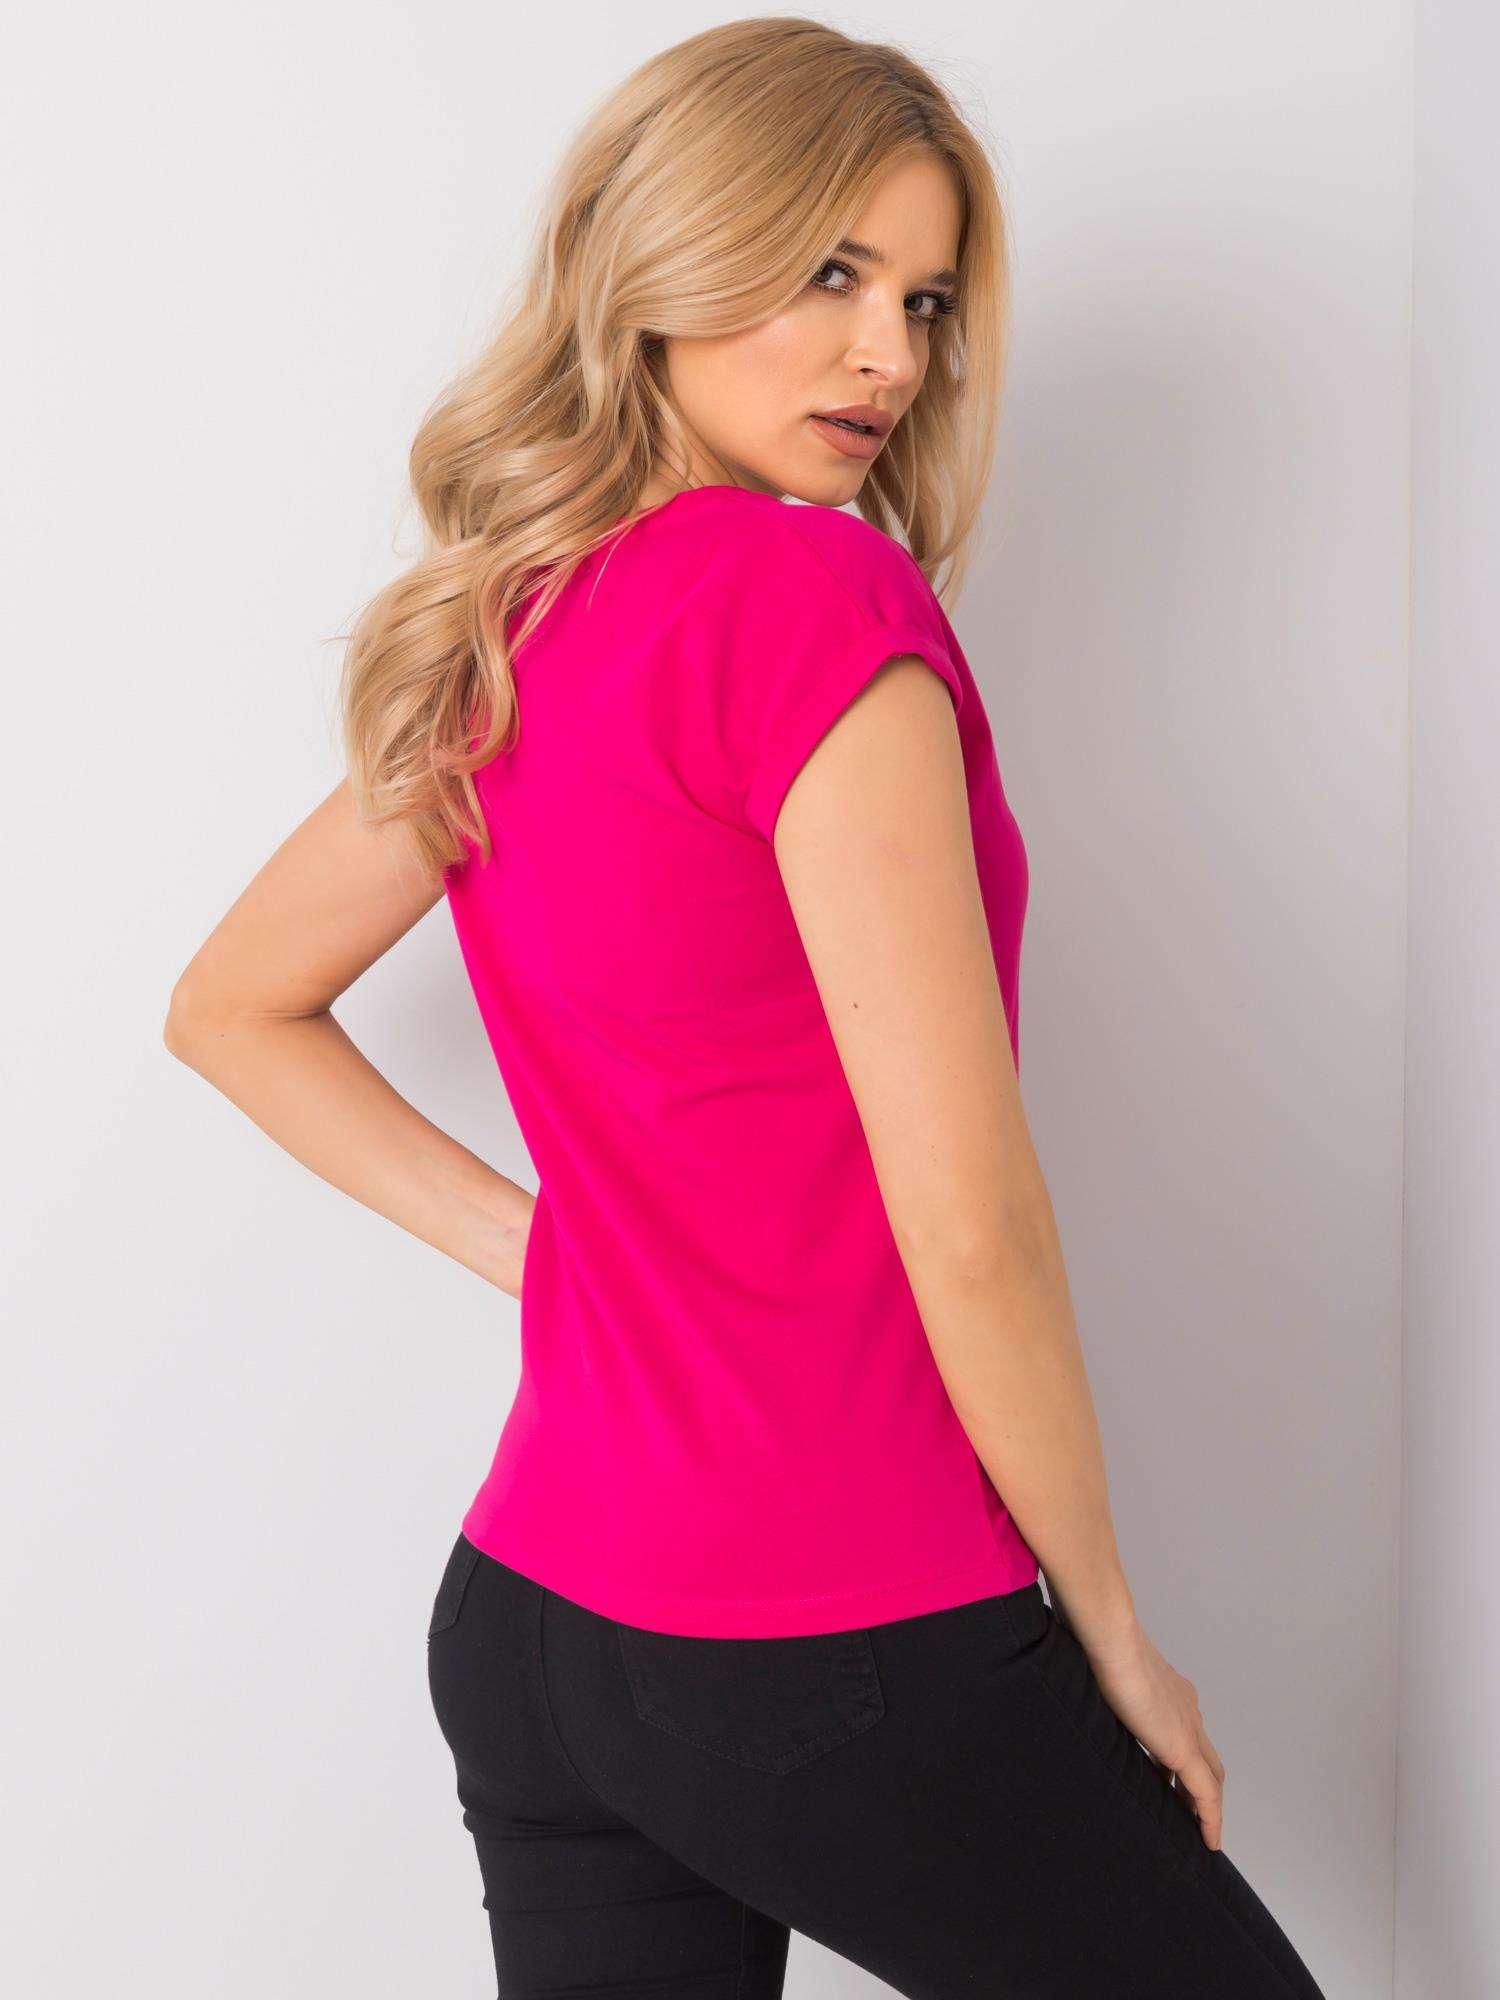 T-Shirt in Pink mit V-Ausschnitt Rückansicht